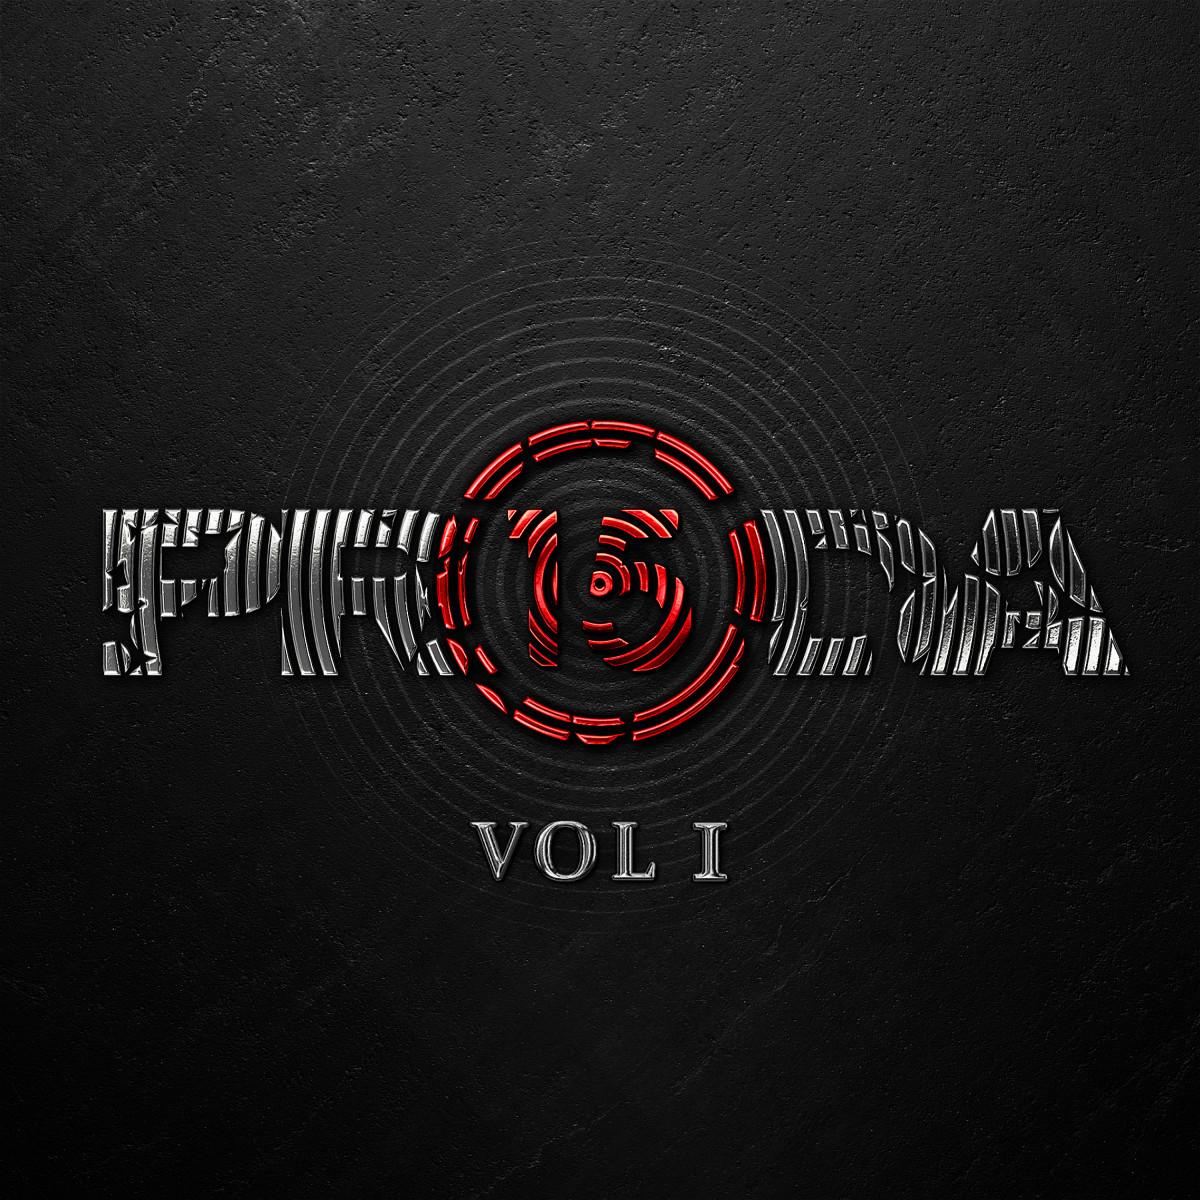 Eric Prydz Releases First Volume of Three-Part EP Under Pryda Alias